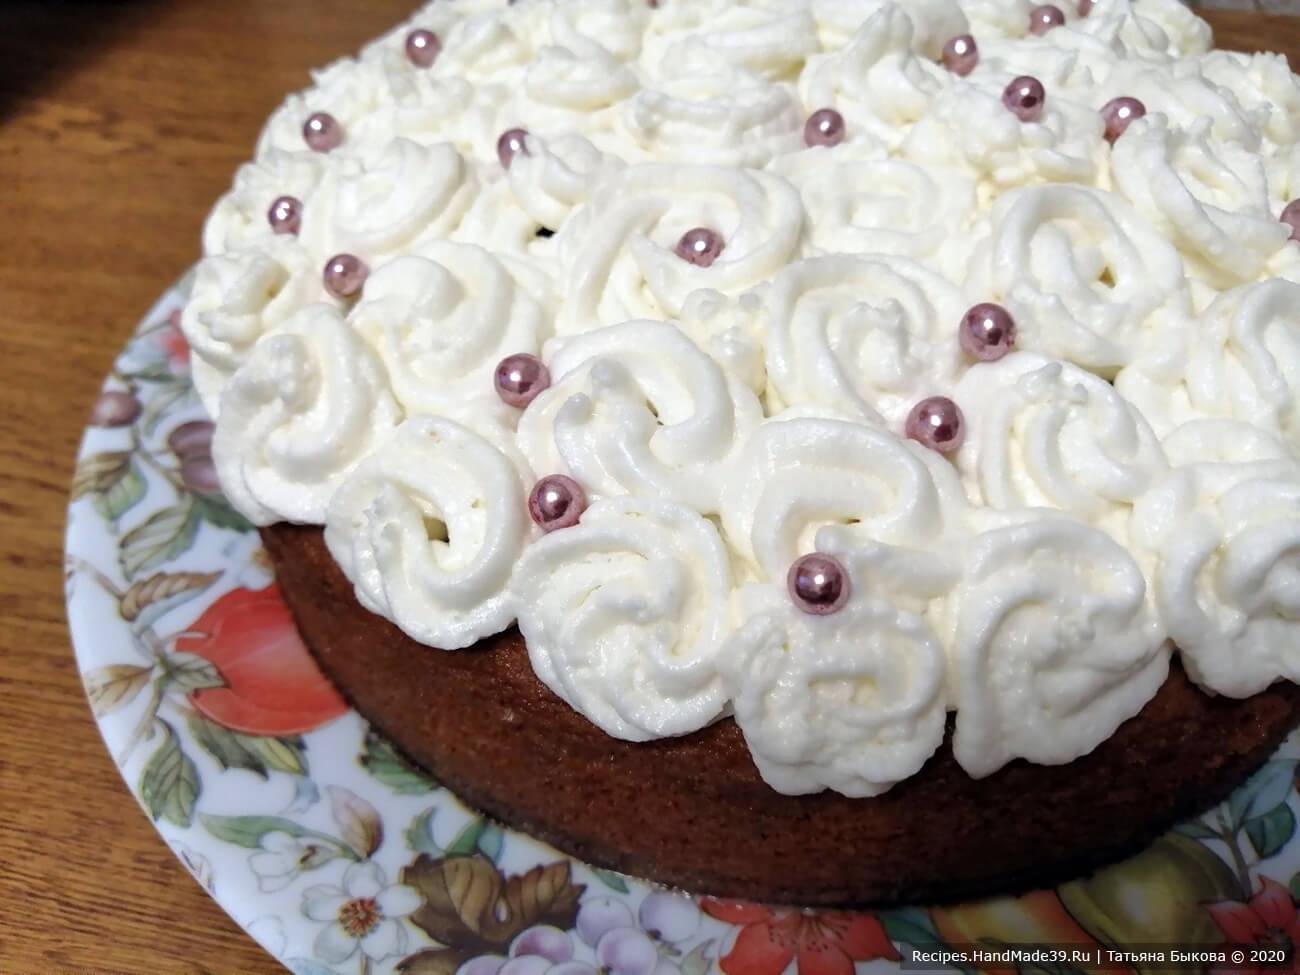 Торт «Три молока» – пошаговый кулинарный рецепт с фото